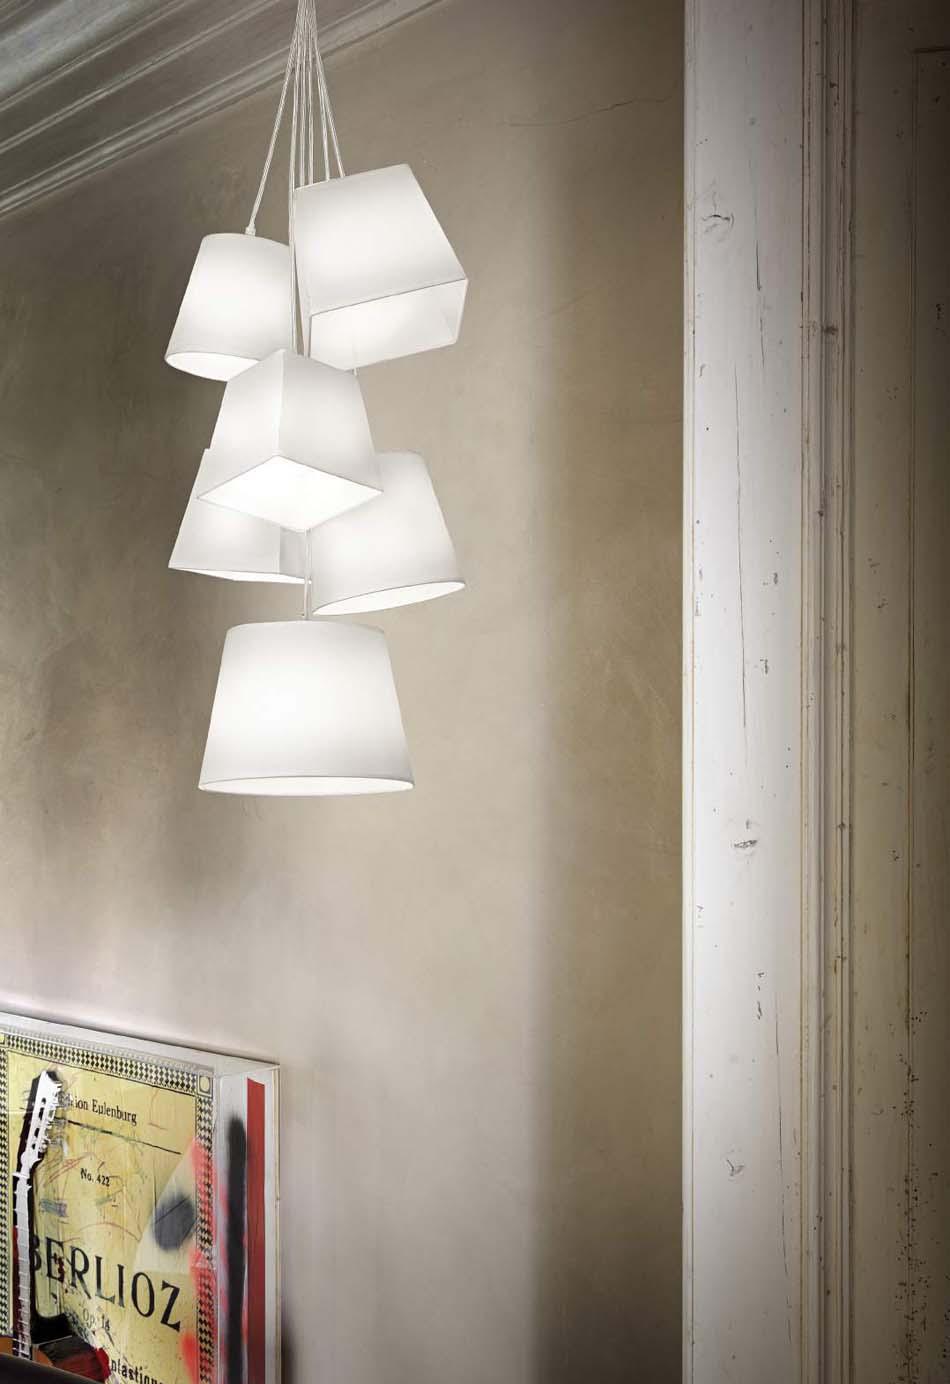 Lampade sospese Ideal Lux Hats – Toscana Arredamenti